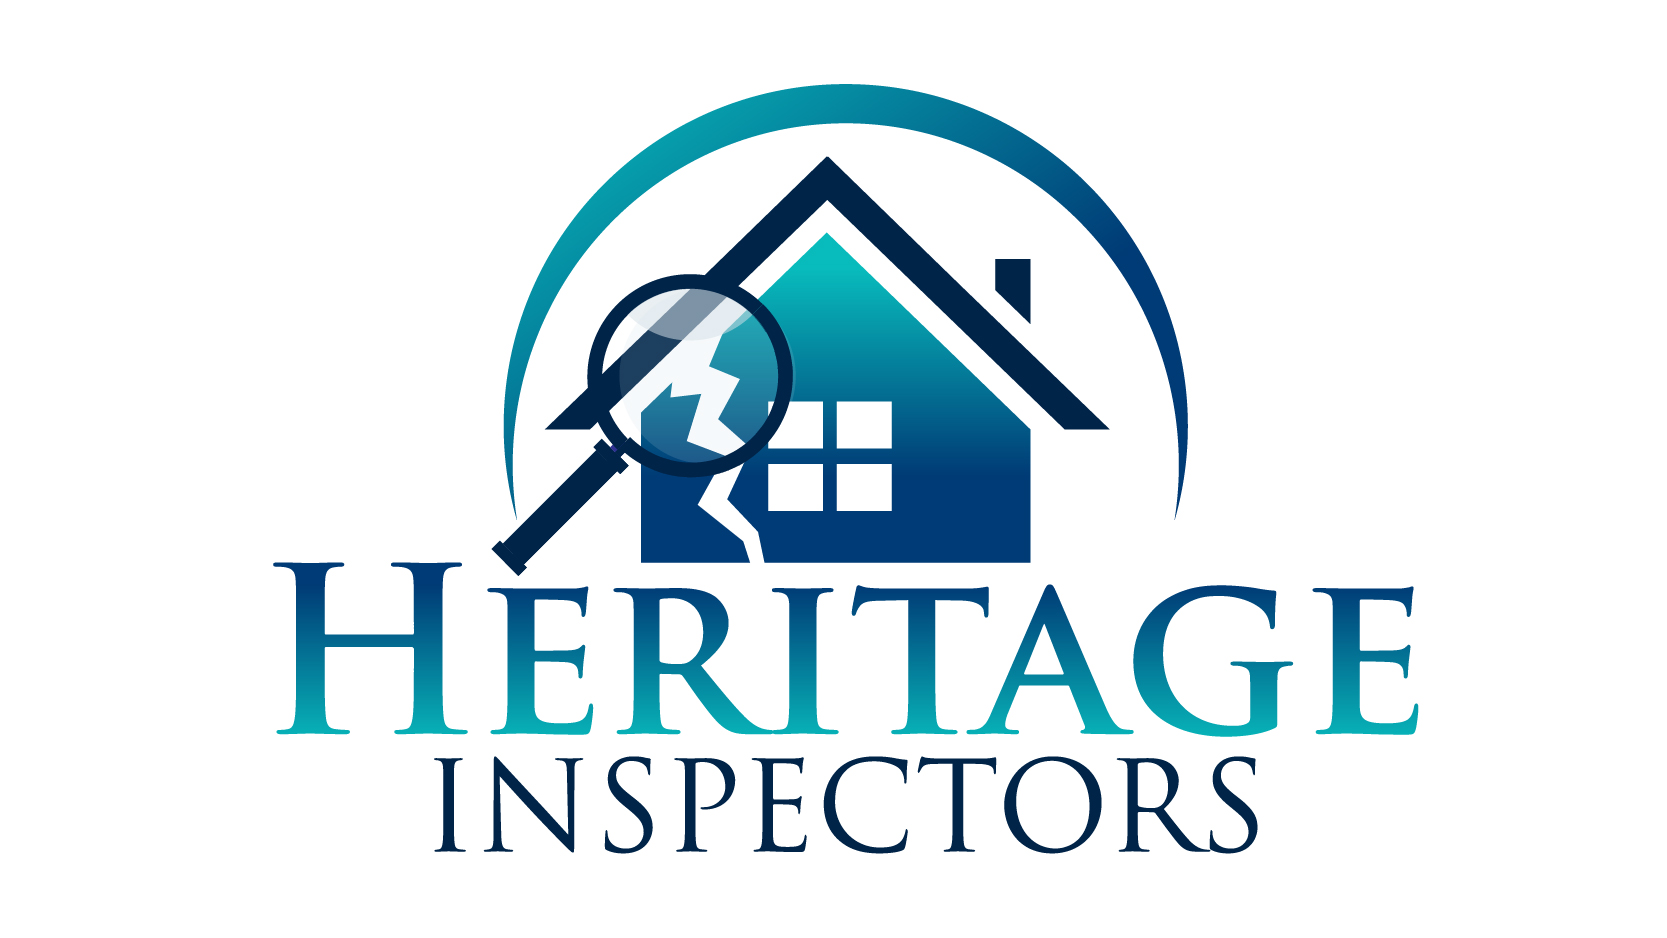 heritageinspectors.com